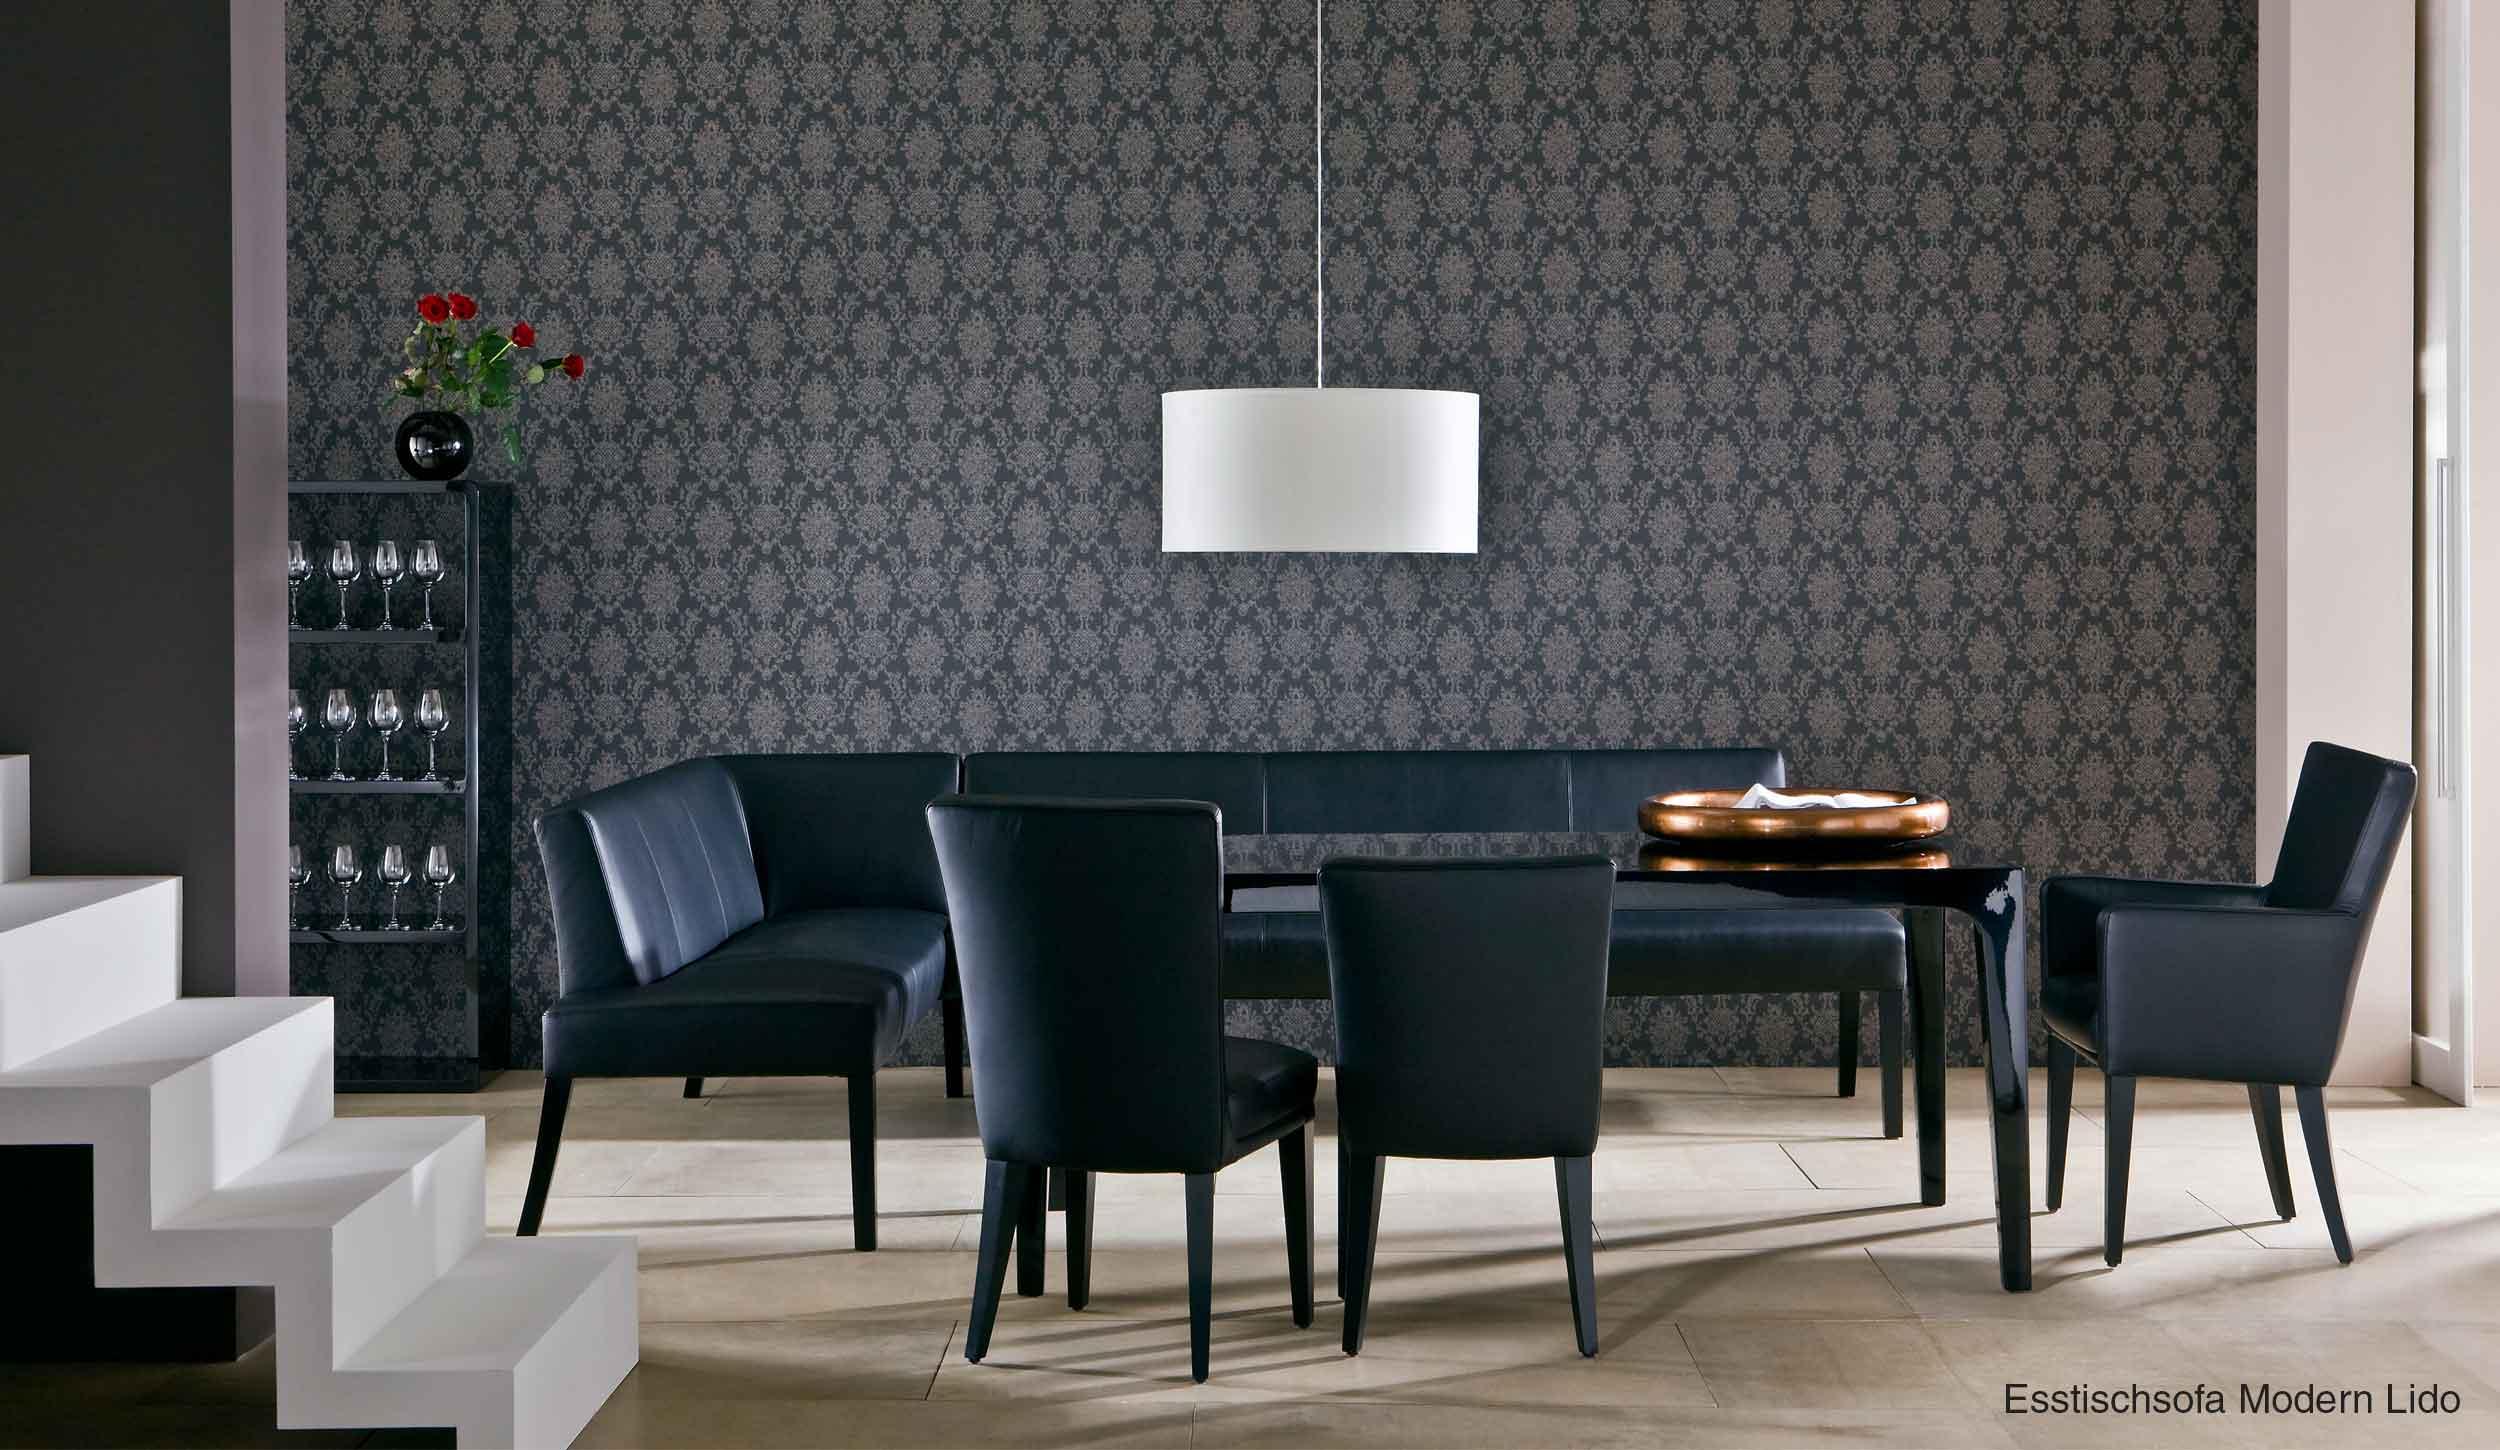 diashow sensa esstischsofas. Black Bedroom Furniture Sets. Home Design Ideas